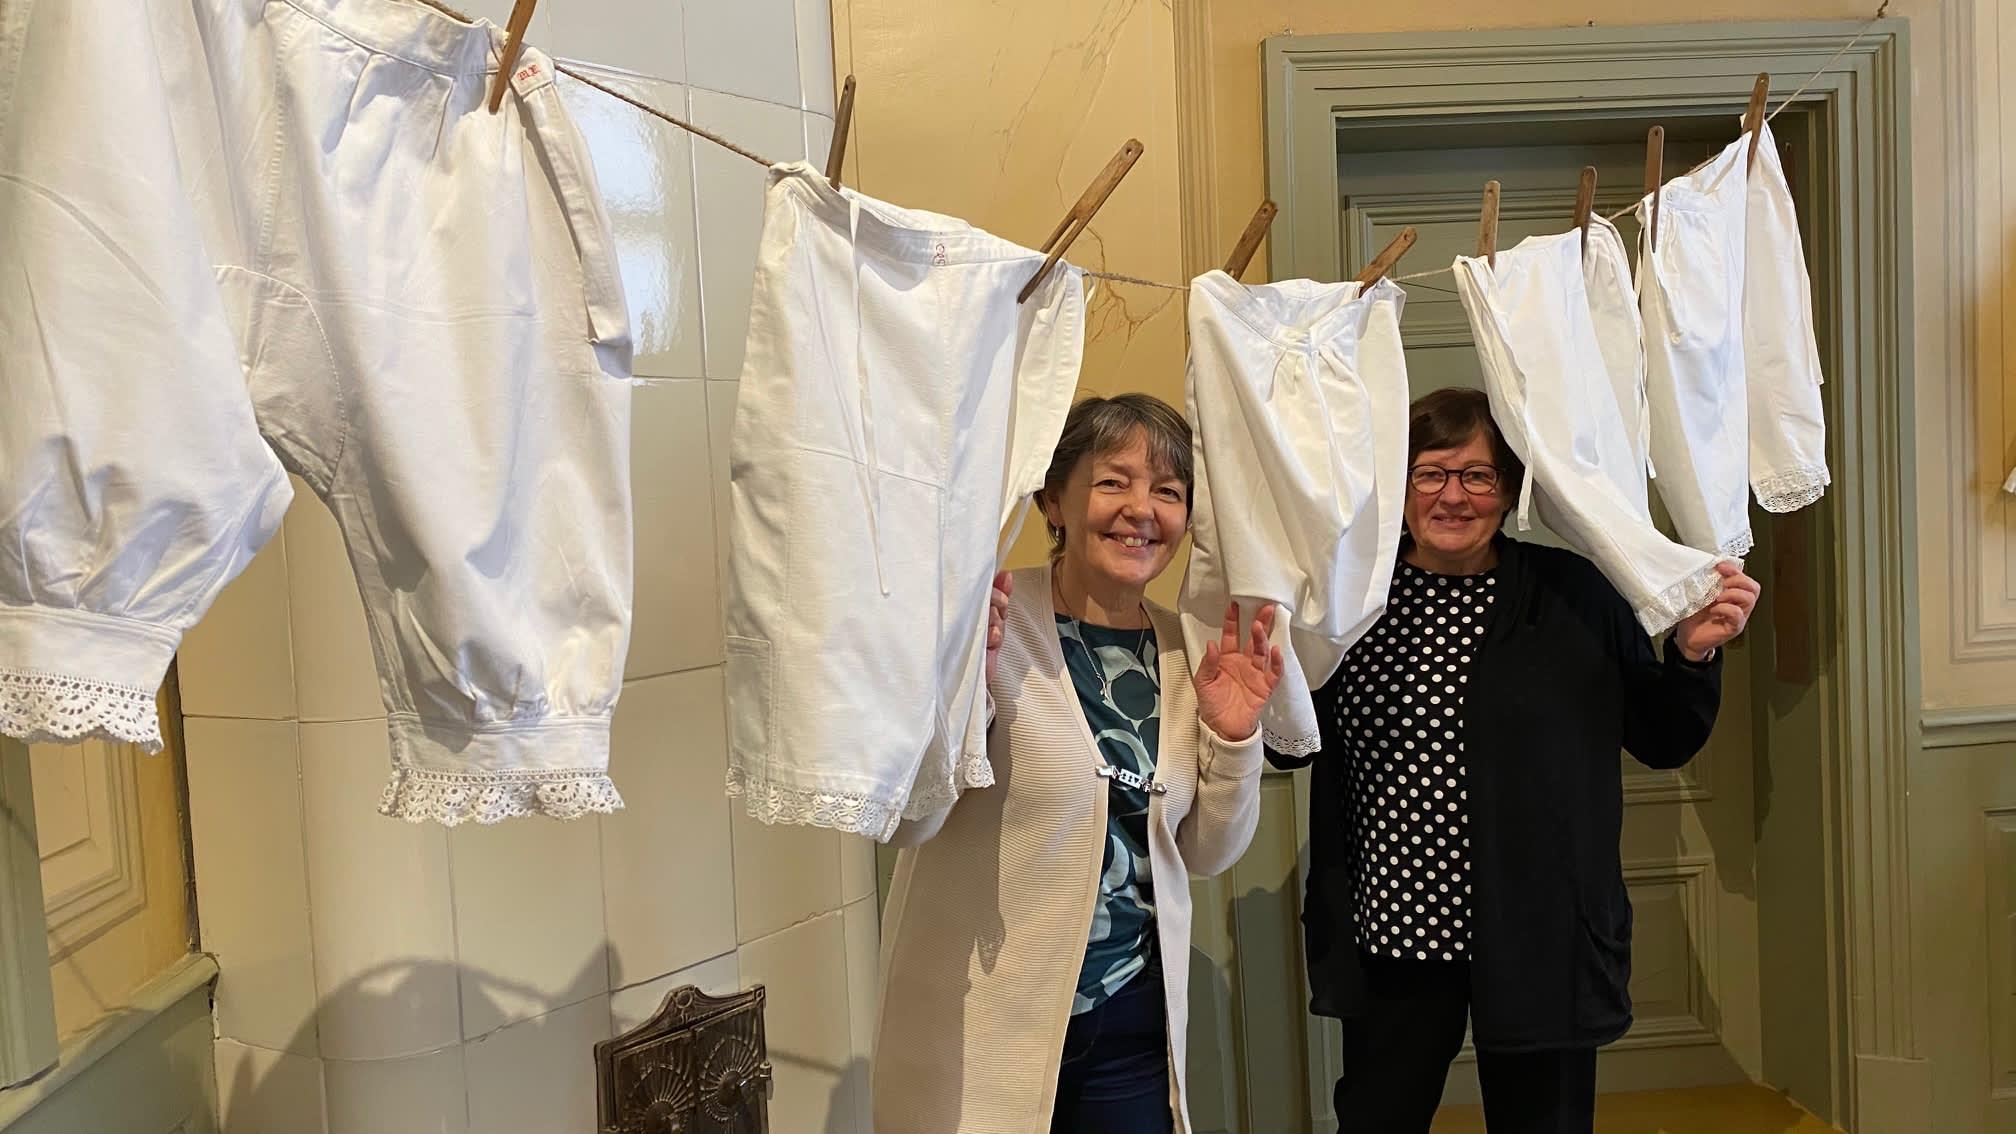 Naisten vanhoja alushousuja narulla. Välistä kurkistelevat museolta Carola Sundqvist ja Ann-Marie Knif-Sandelin